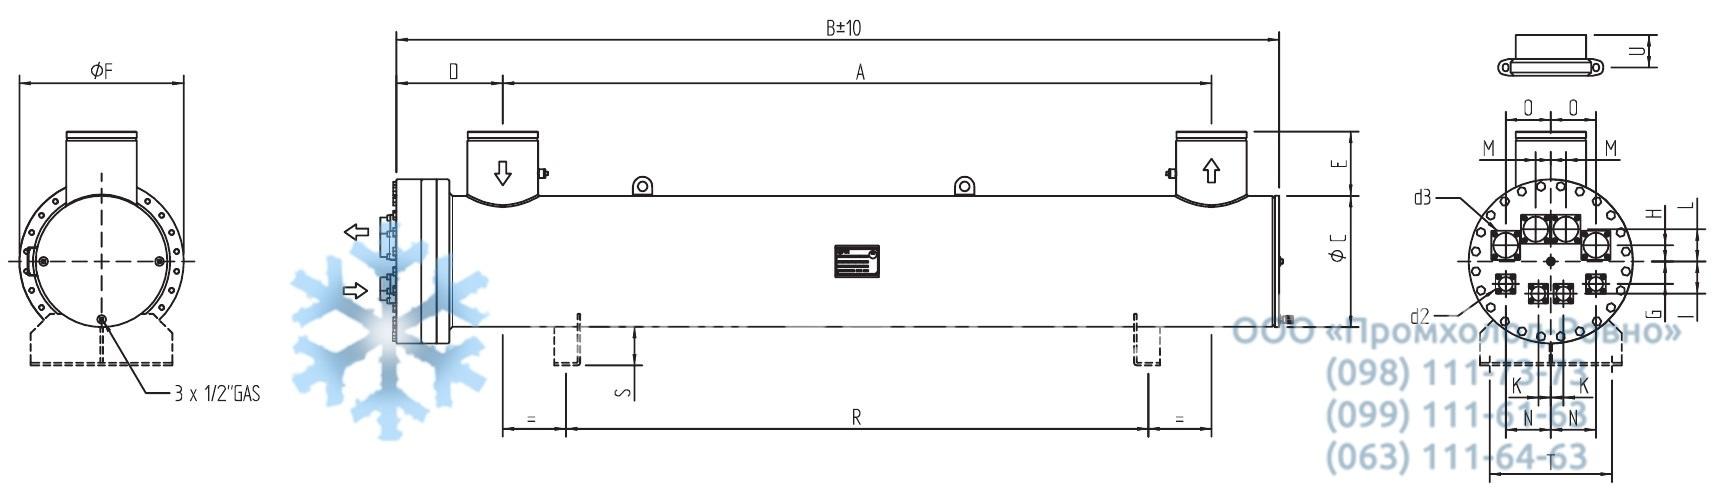 Кожухотрубный испаритель Alfa Laval DH2-403 Королёв